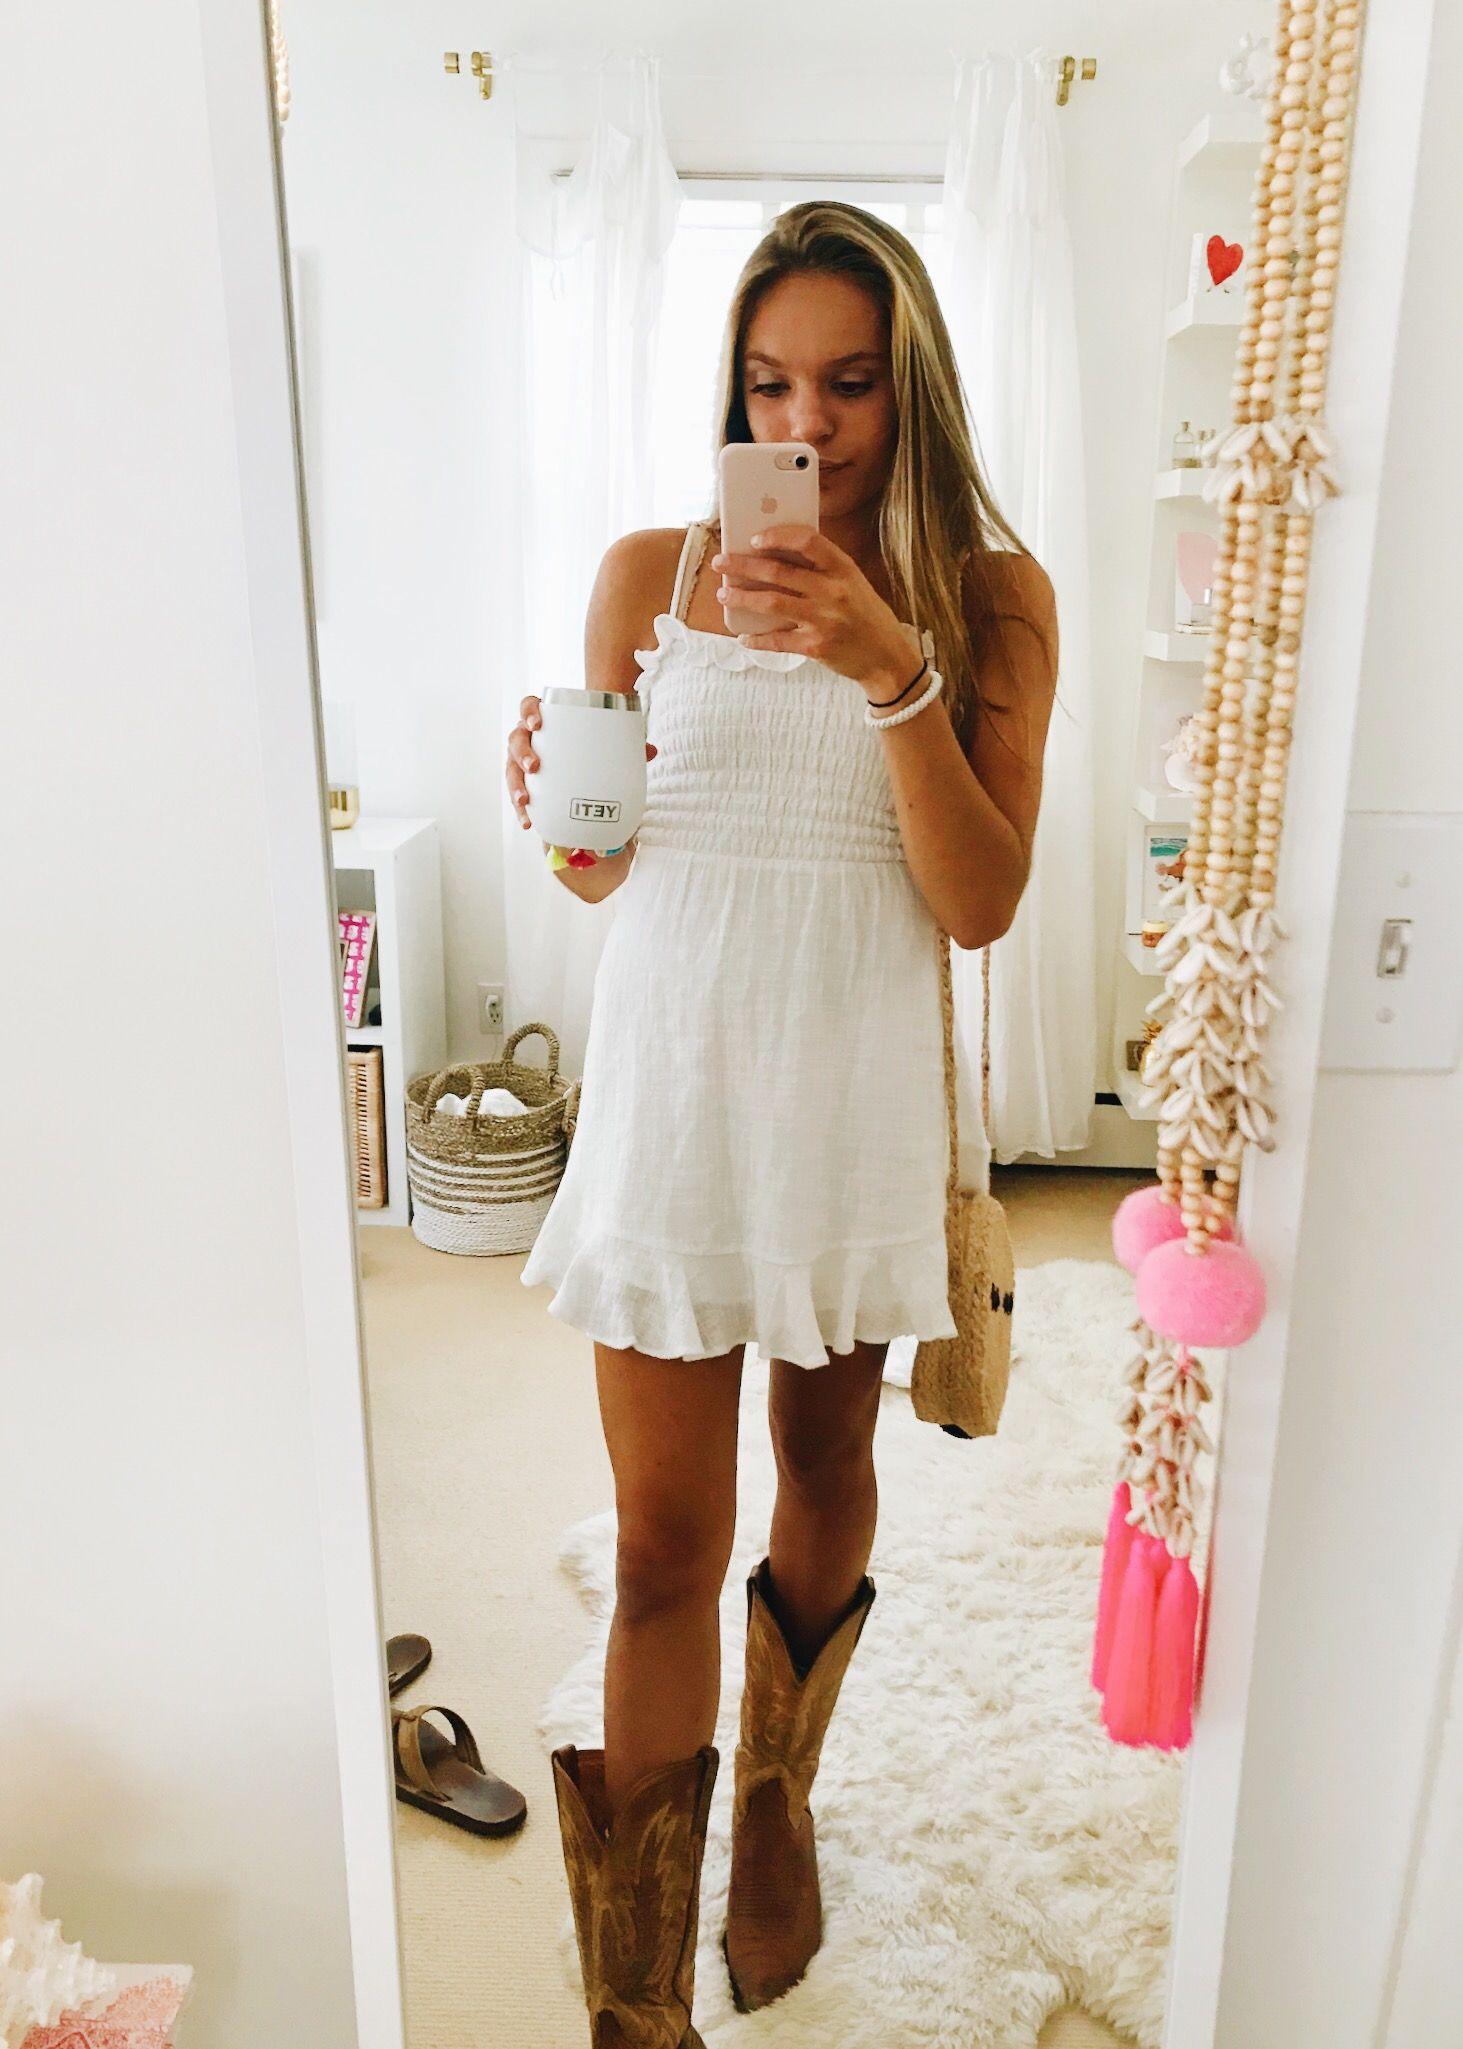 White Dress Cowgirl Cowboy Boots Fashion Outfit Fashion Outfits Dresses With Cowboy Boots White Dress [ 2049 x 1463 Pixel ]